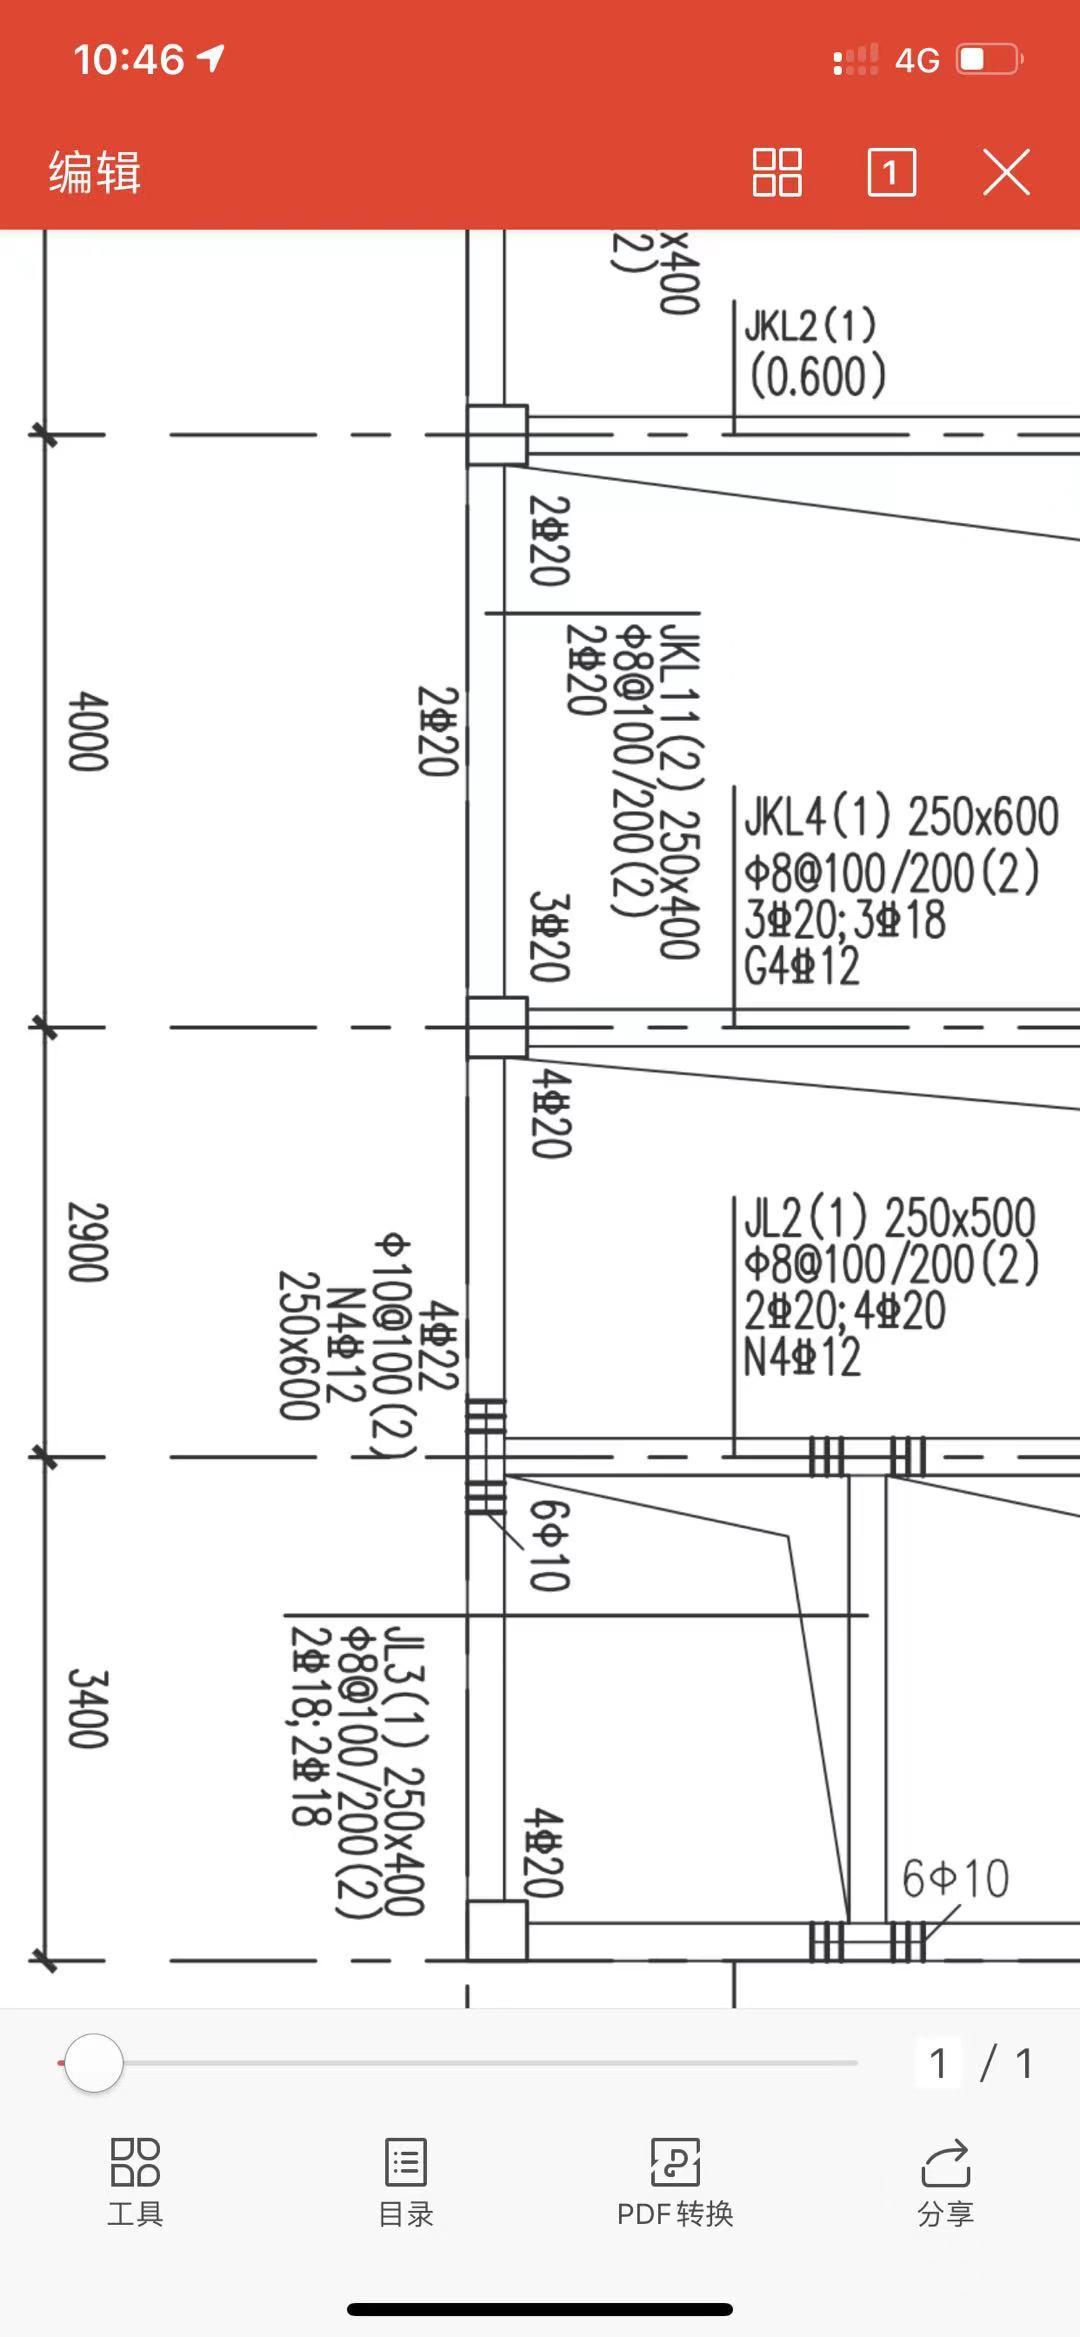 土建,概算,湖南,设计,钢筋算量GGJ2013,预算,答疑:请教一下这个梁的配筋该如何理解?-湖南土建,设计,概算,预算,钢筋算量GGJ2013,